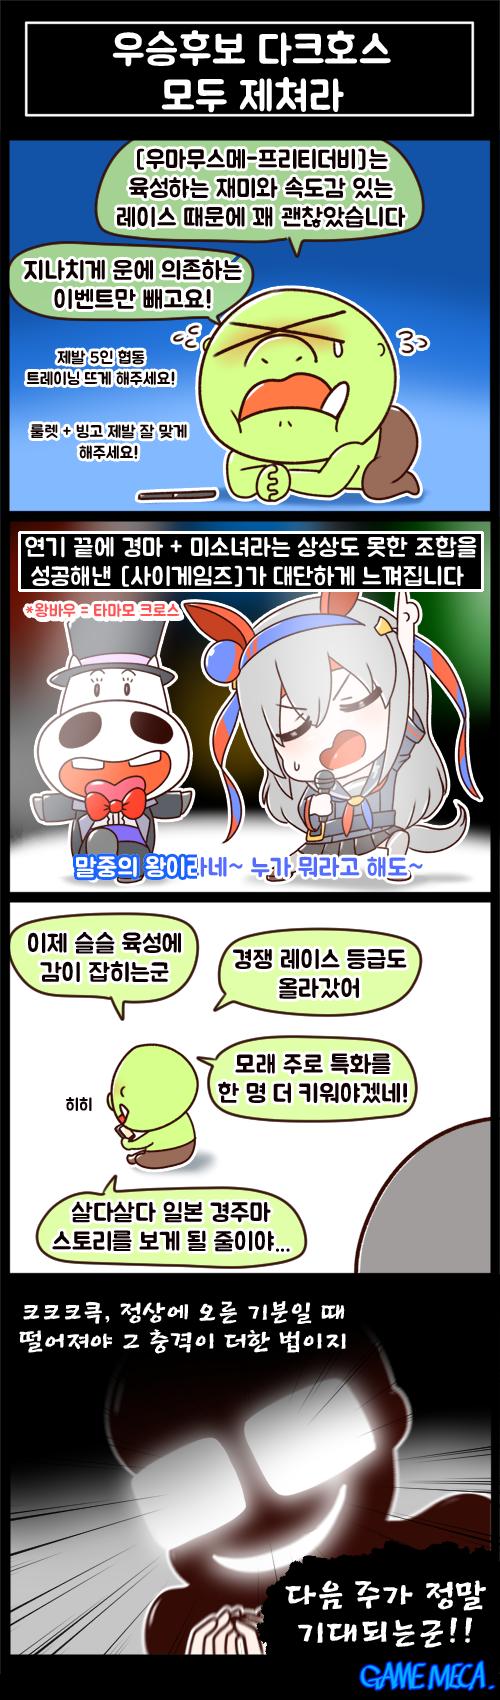 우마무스메 말딸 노8리뷰 노동8호 게임메카리뷰